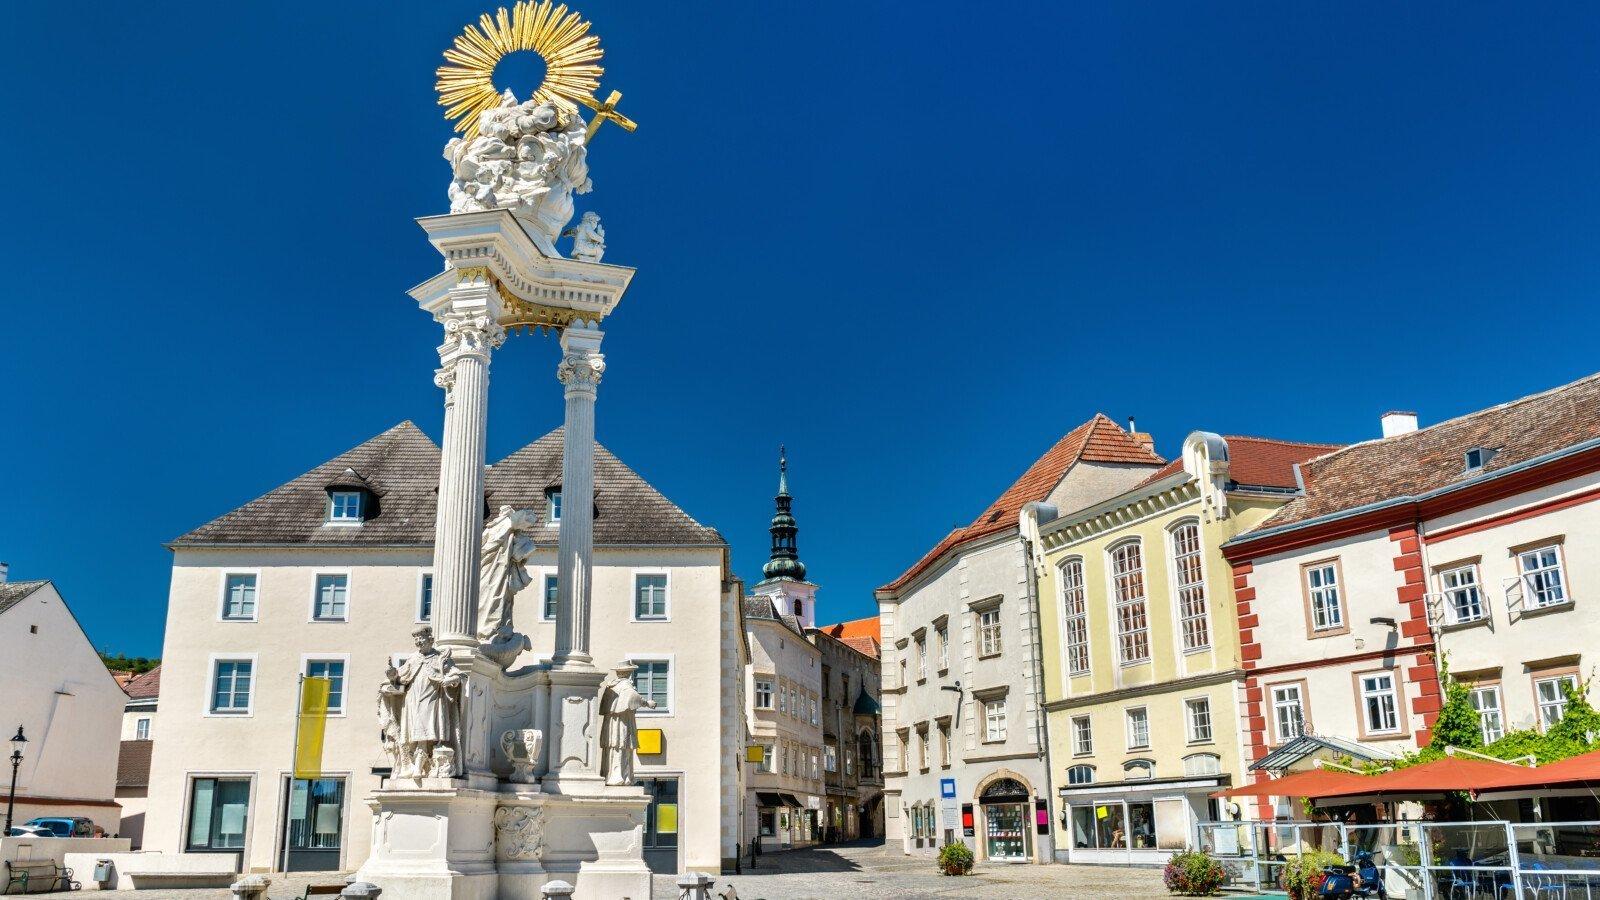 Reinigungsservice in Krems a. d. Donau